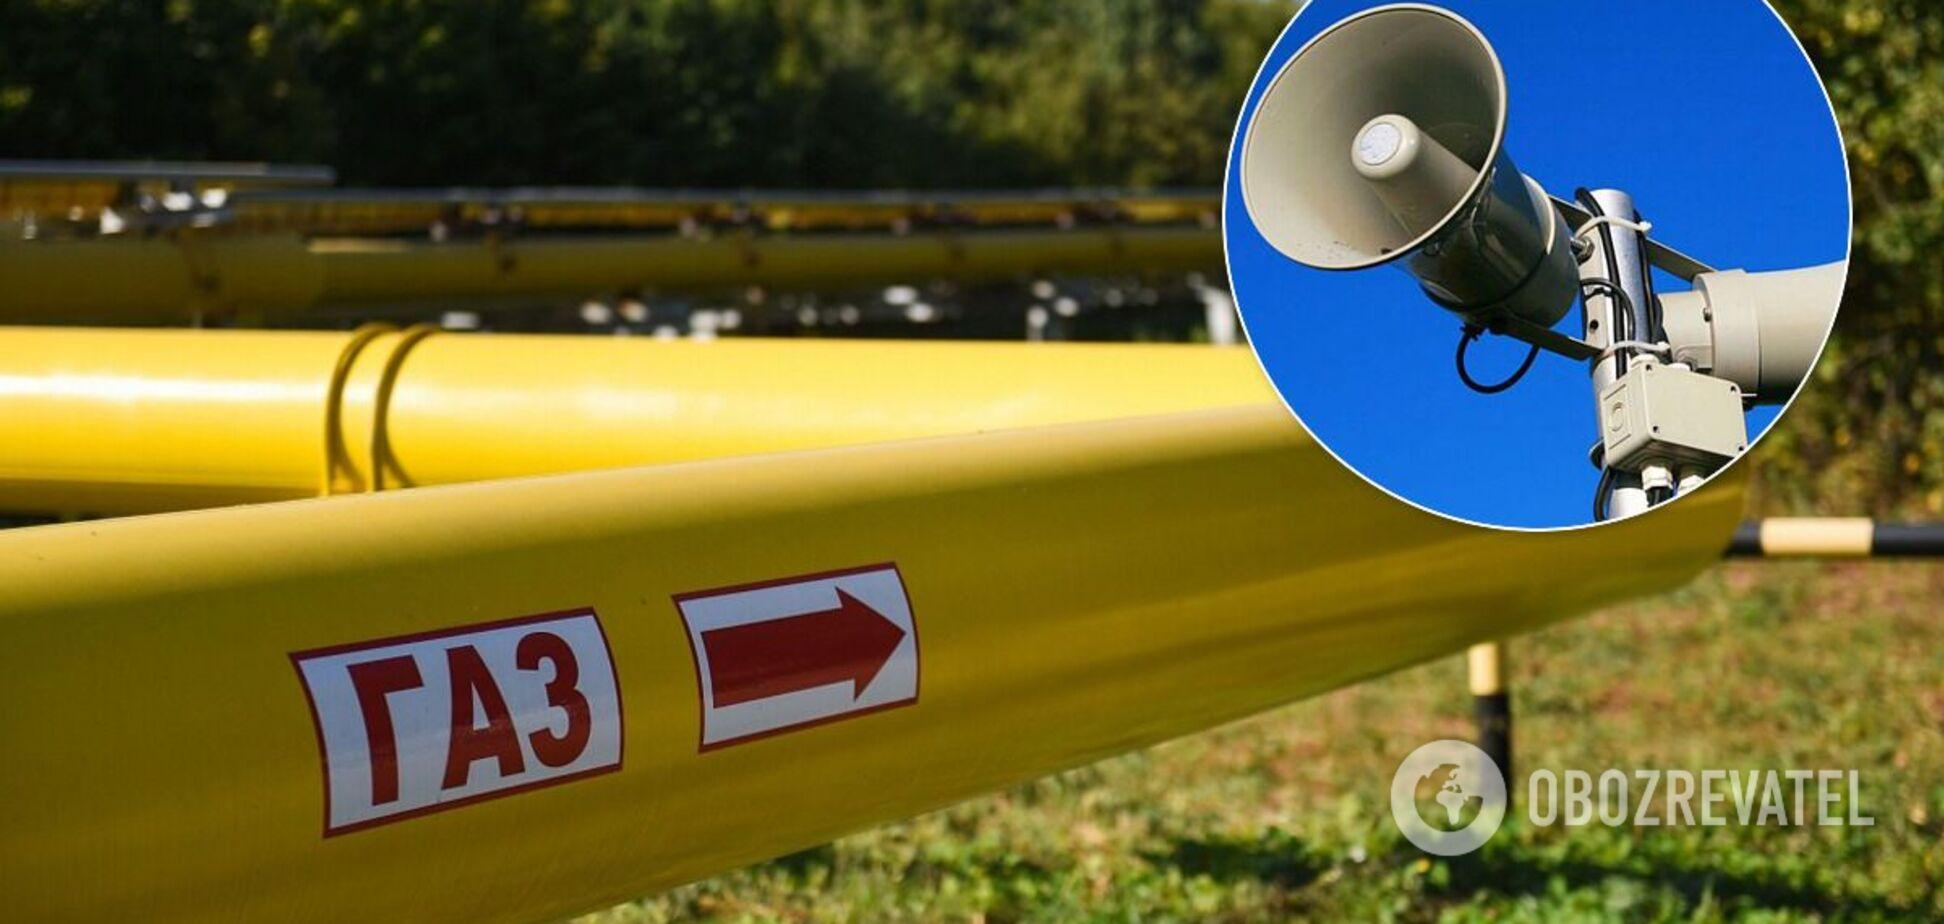 Розрив газогону під Києвом: у нас війна, а досі нема оповіщення населення у разі НС